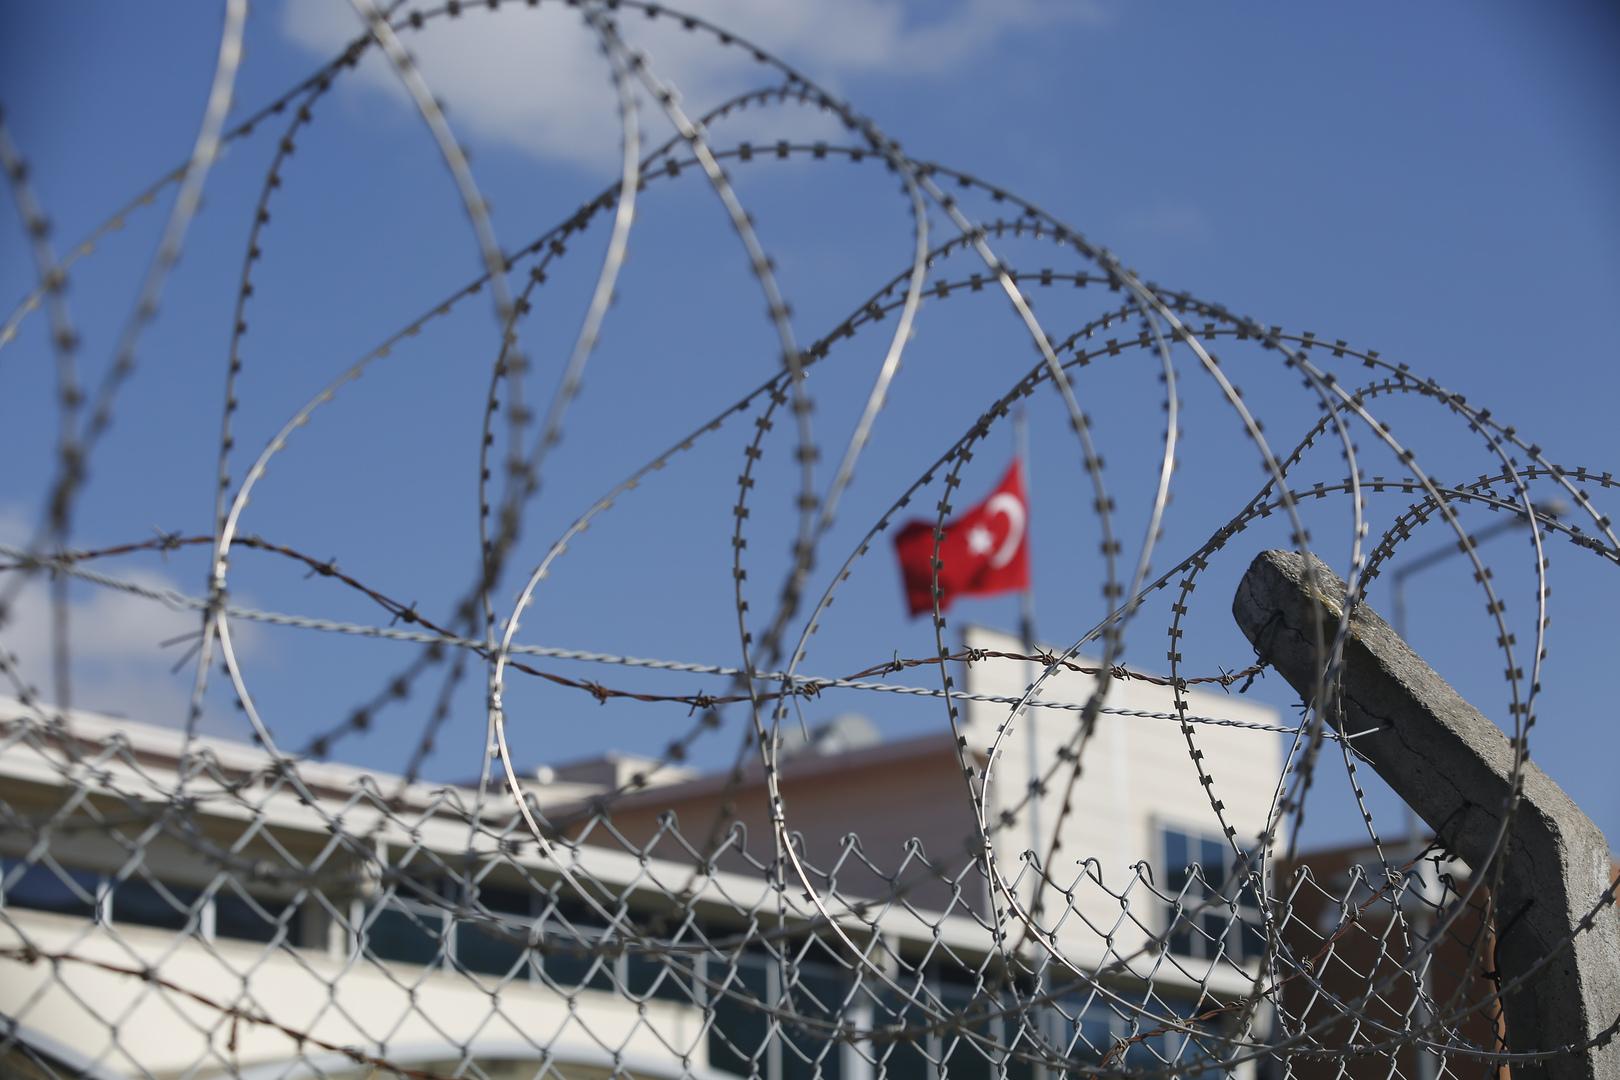 تركيا تعتقل مواطنين أجانب بينهم روس بتهمة التجسس